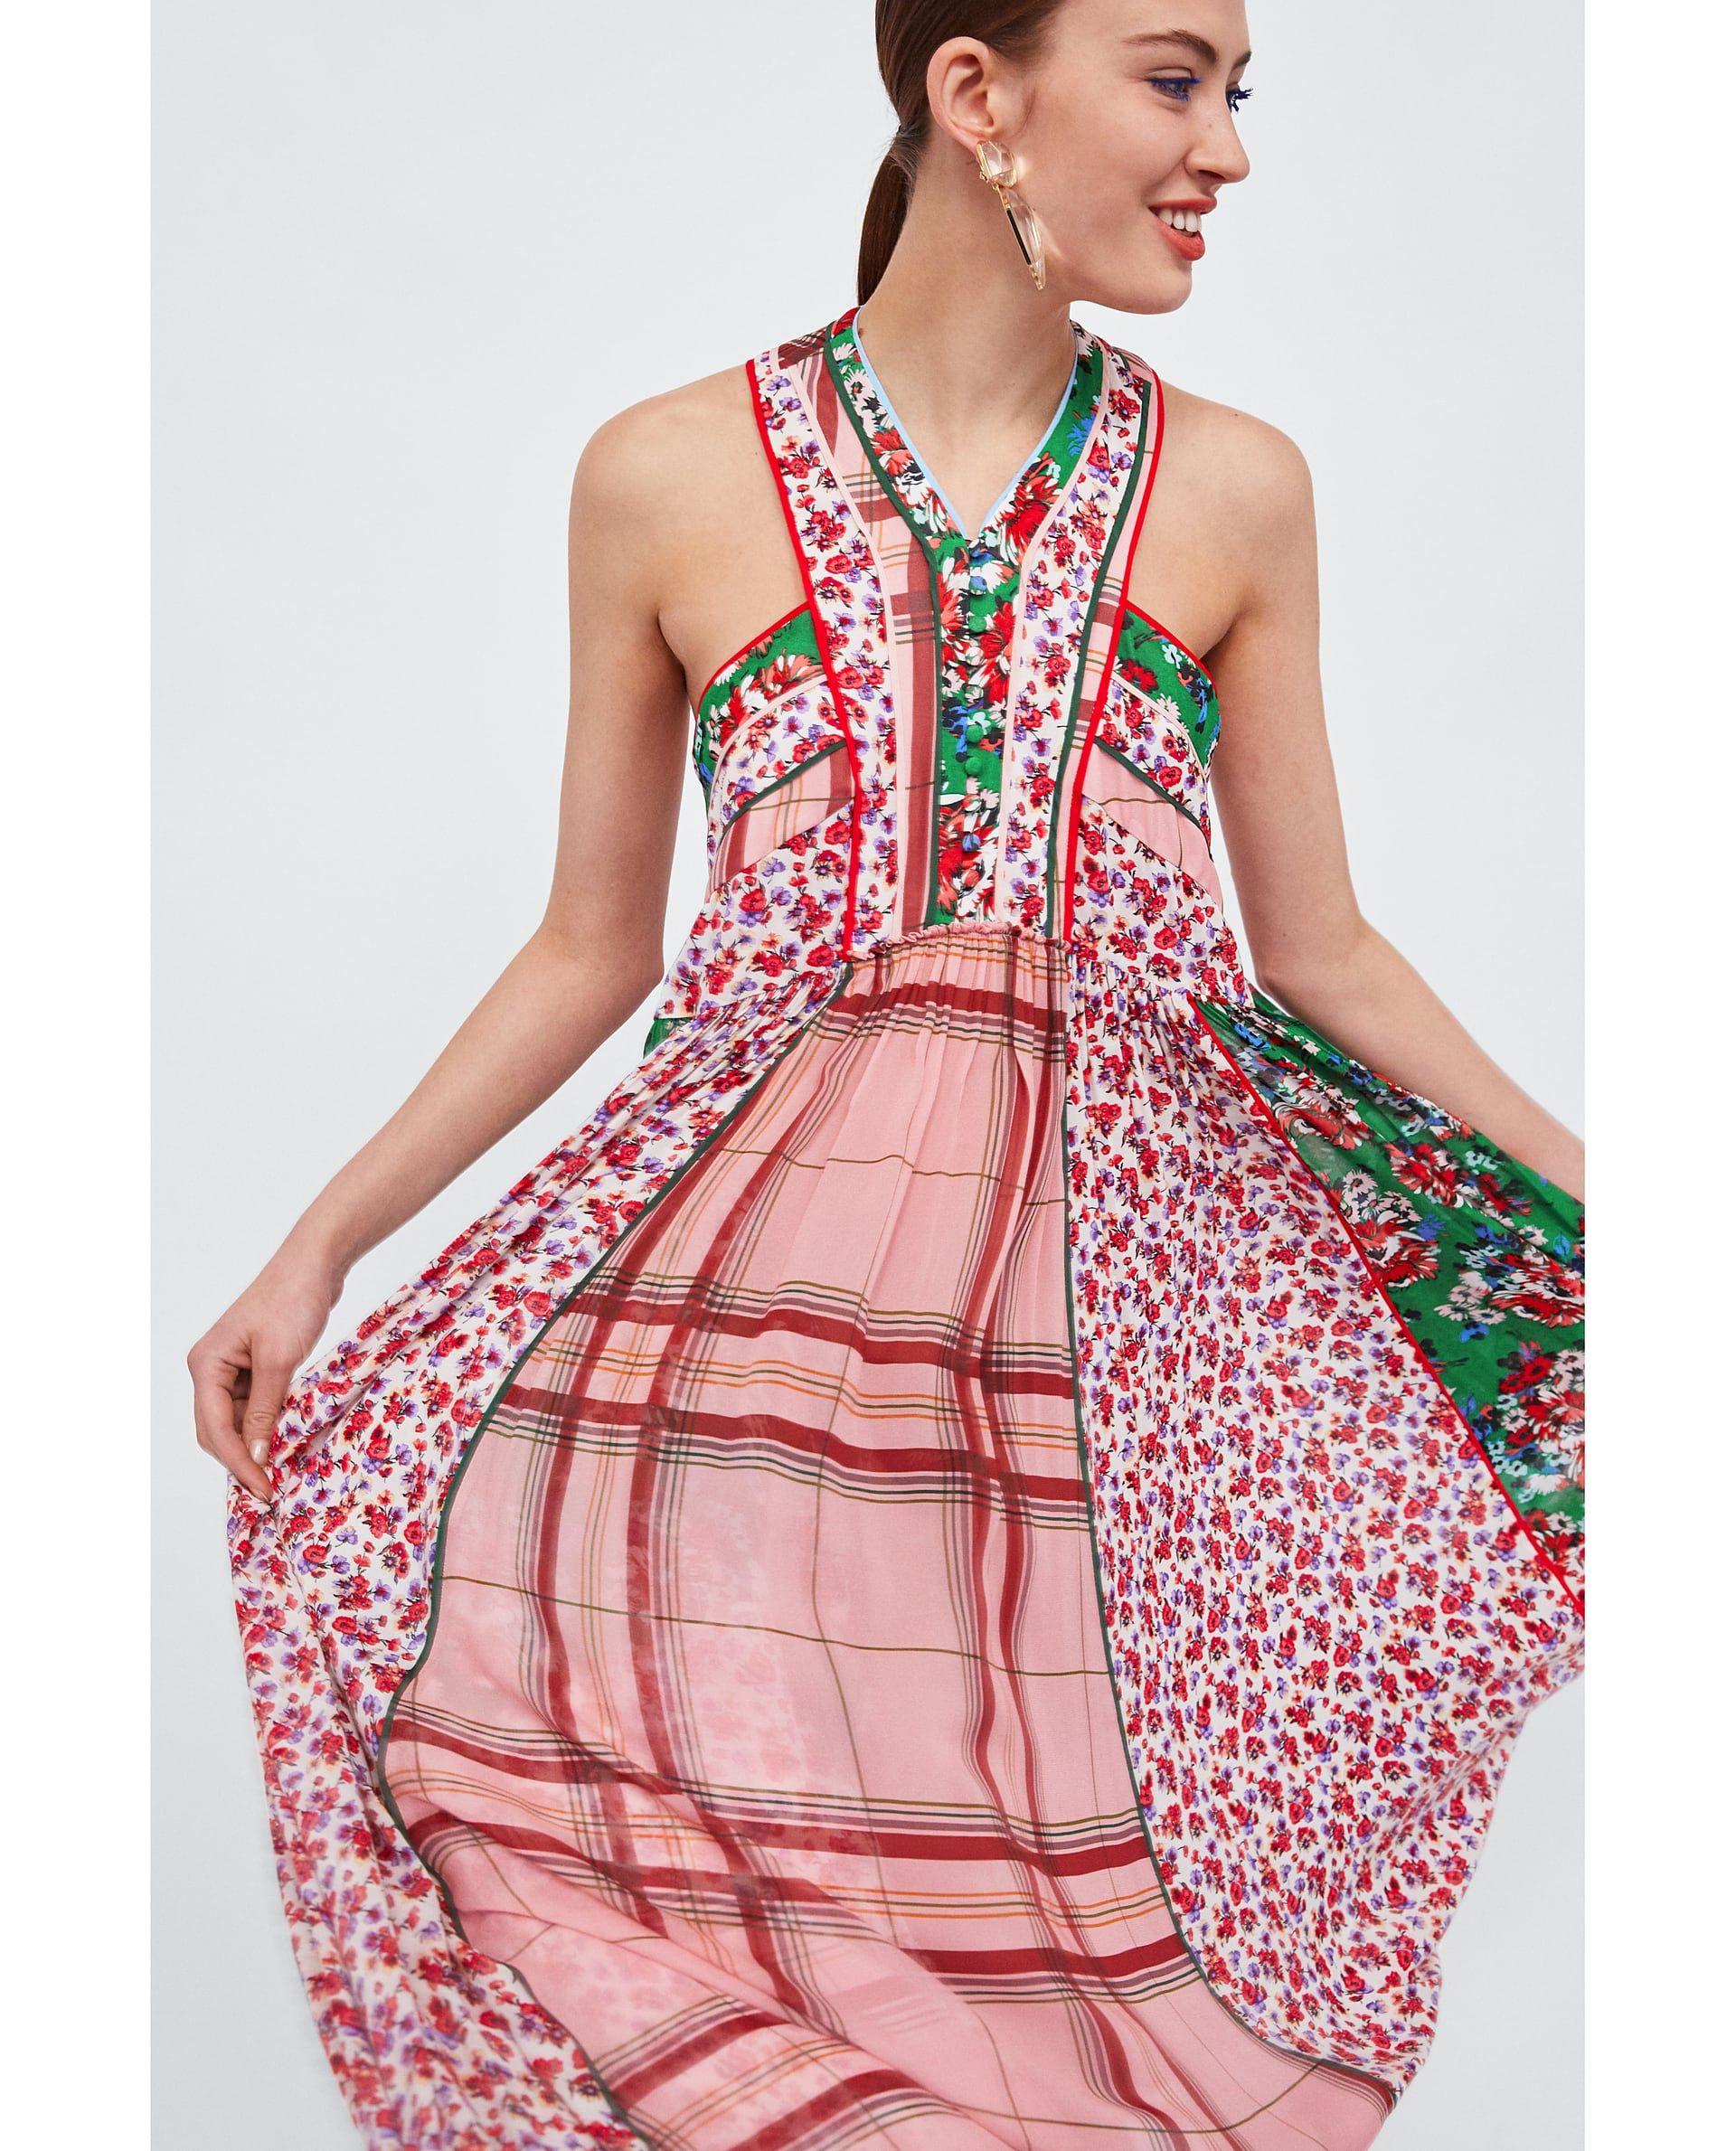 Famoso Malos Vestidos De Fiesta 2014 Colección de Imágenes - Ideas ...